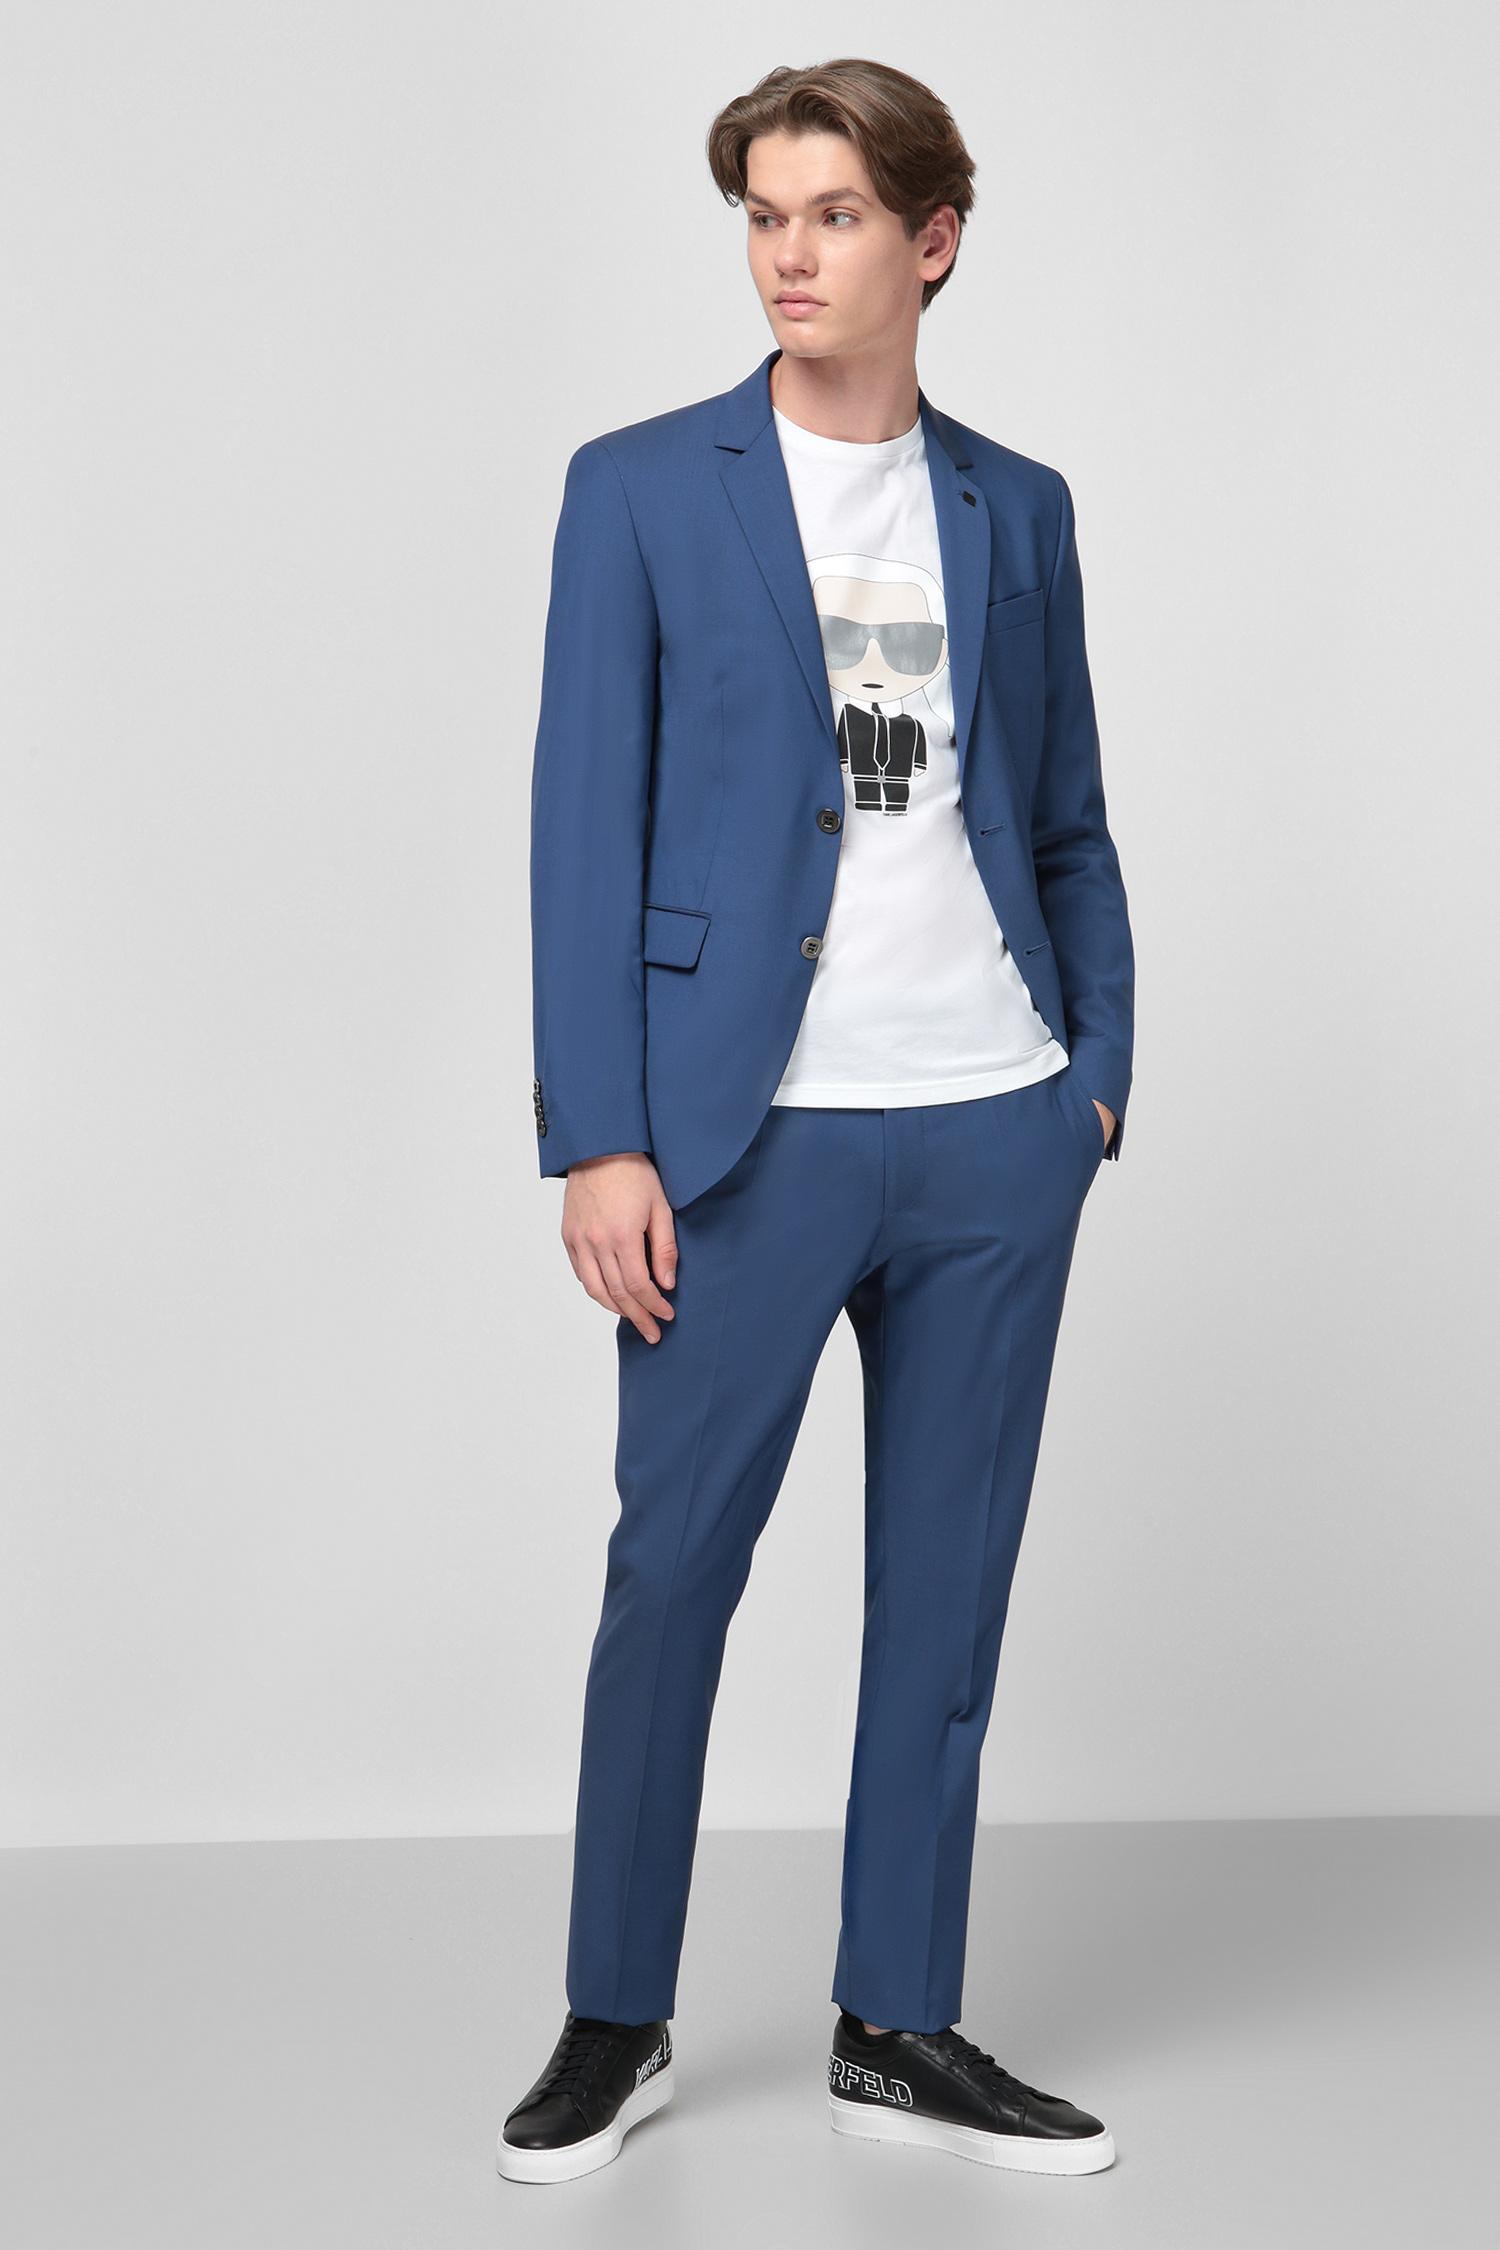 Синий шерстяной костюм (пиджак, брюки) для парней Karl Lagerfeld 501098.105200;660